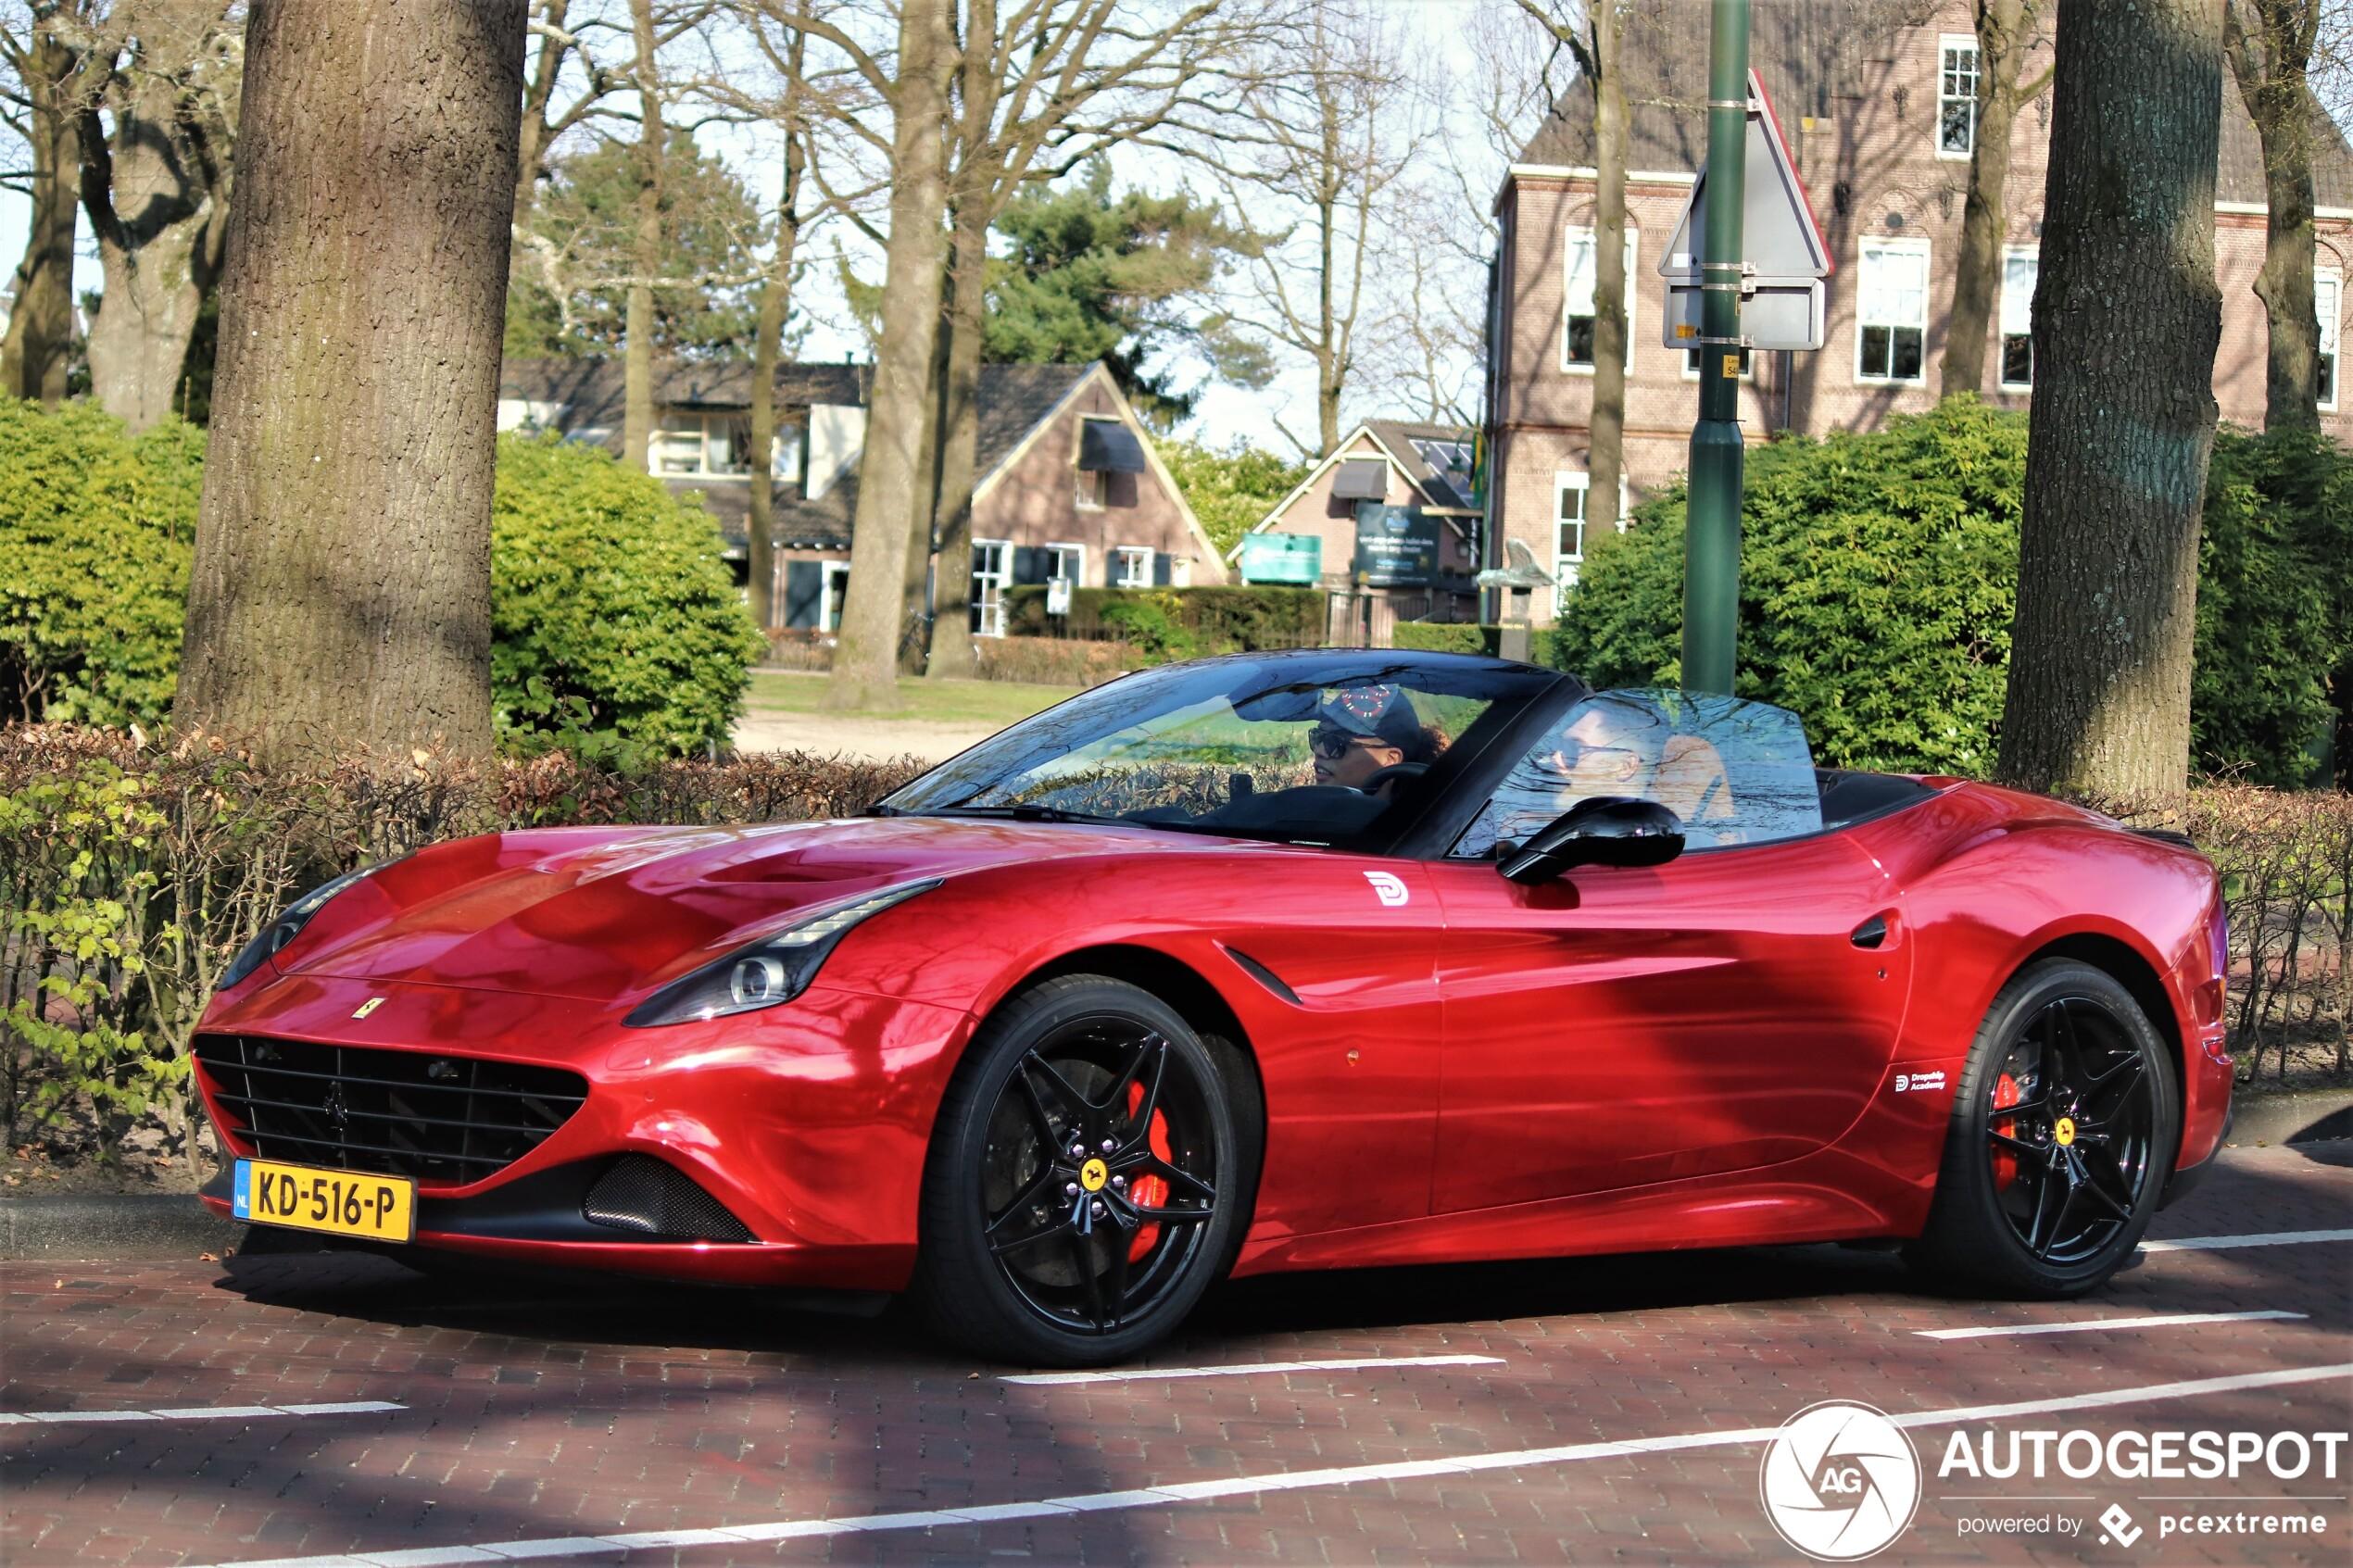 Ferrari California T - 10 April 2020 - Autogespot